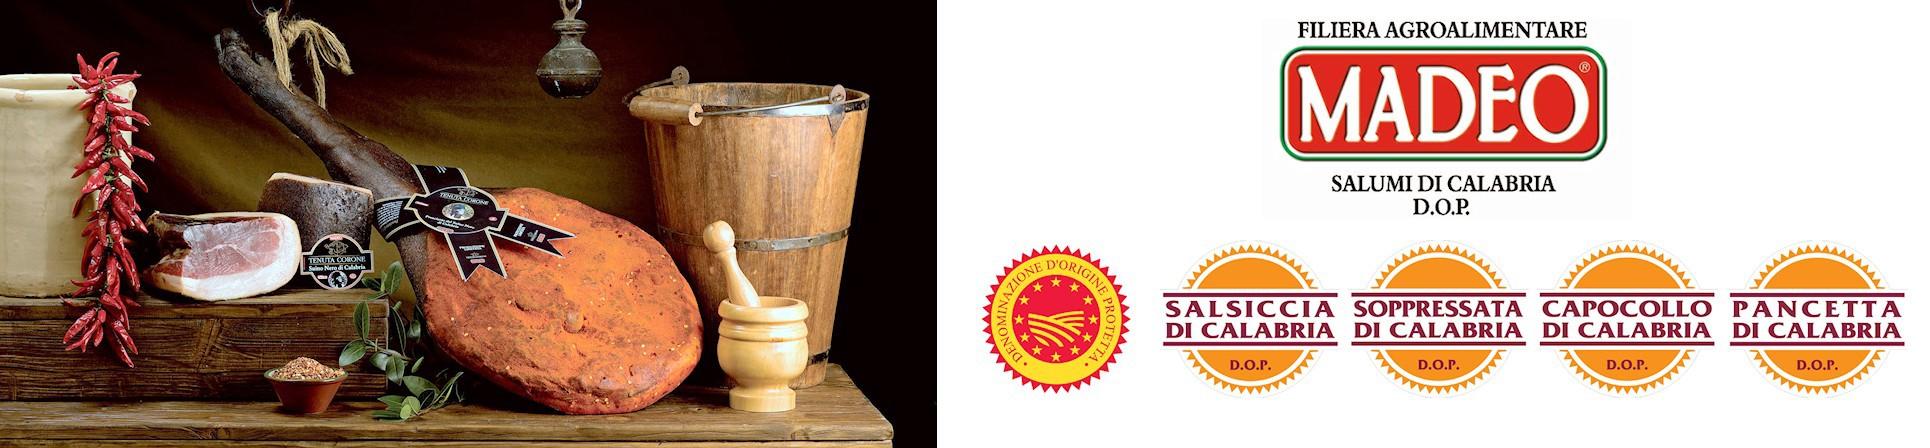 Madeo salumificio tipico calabrese - vendita online